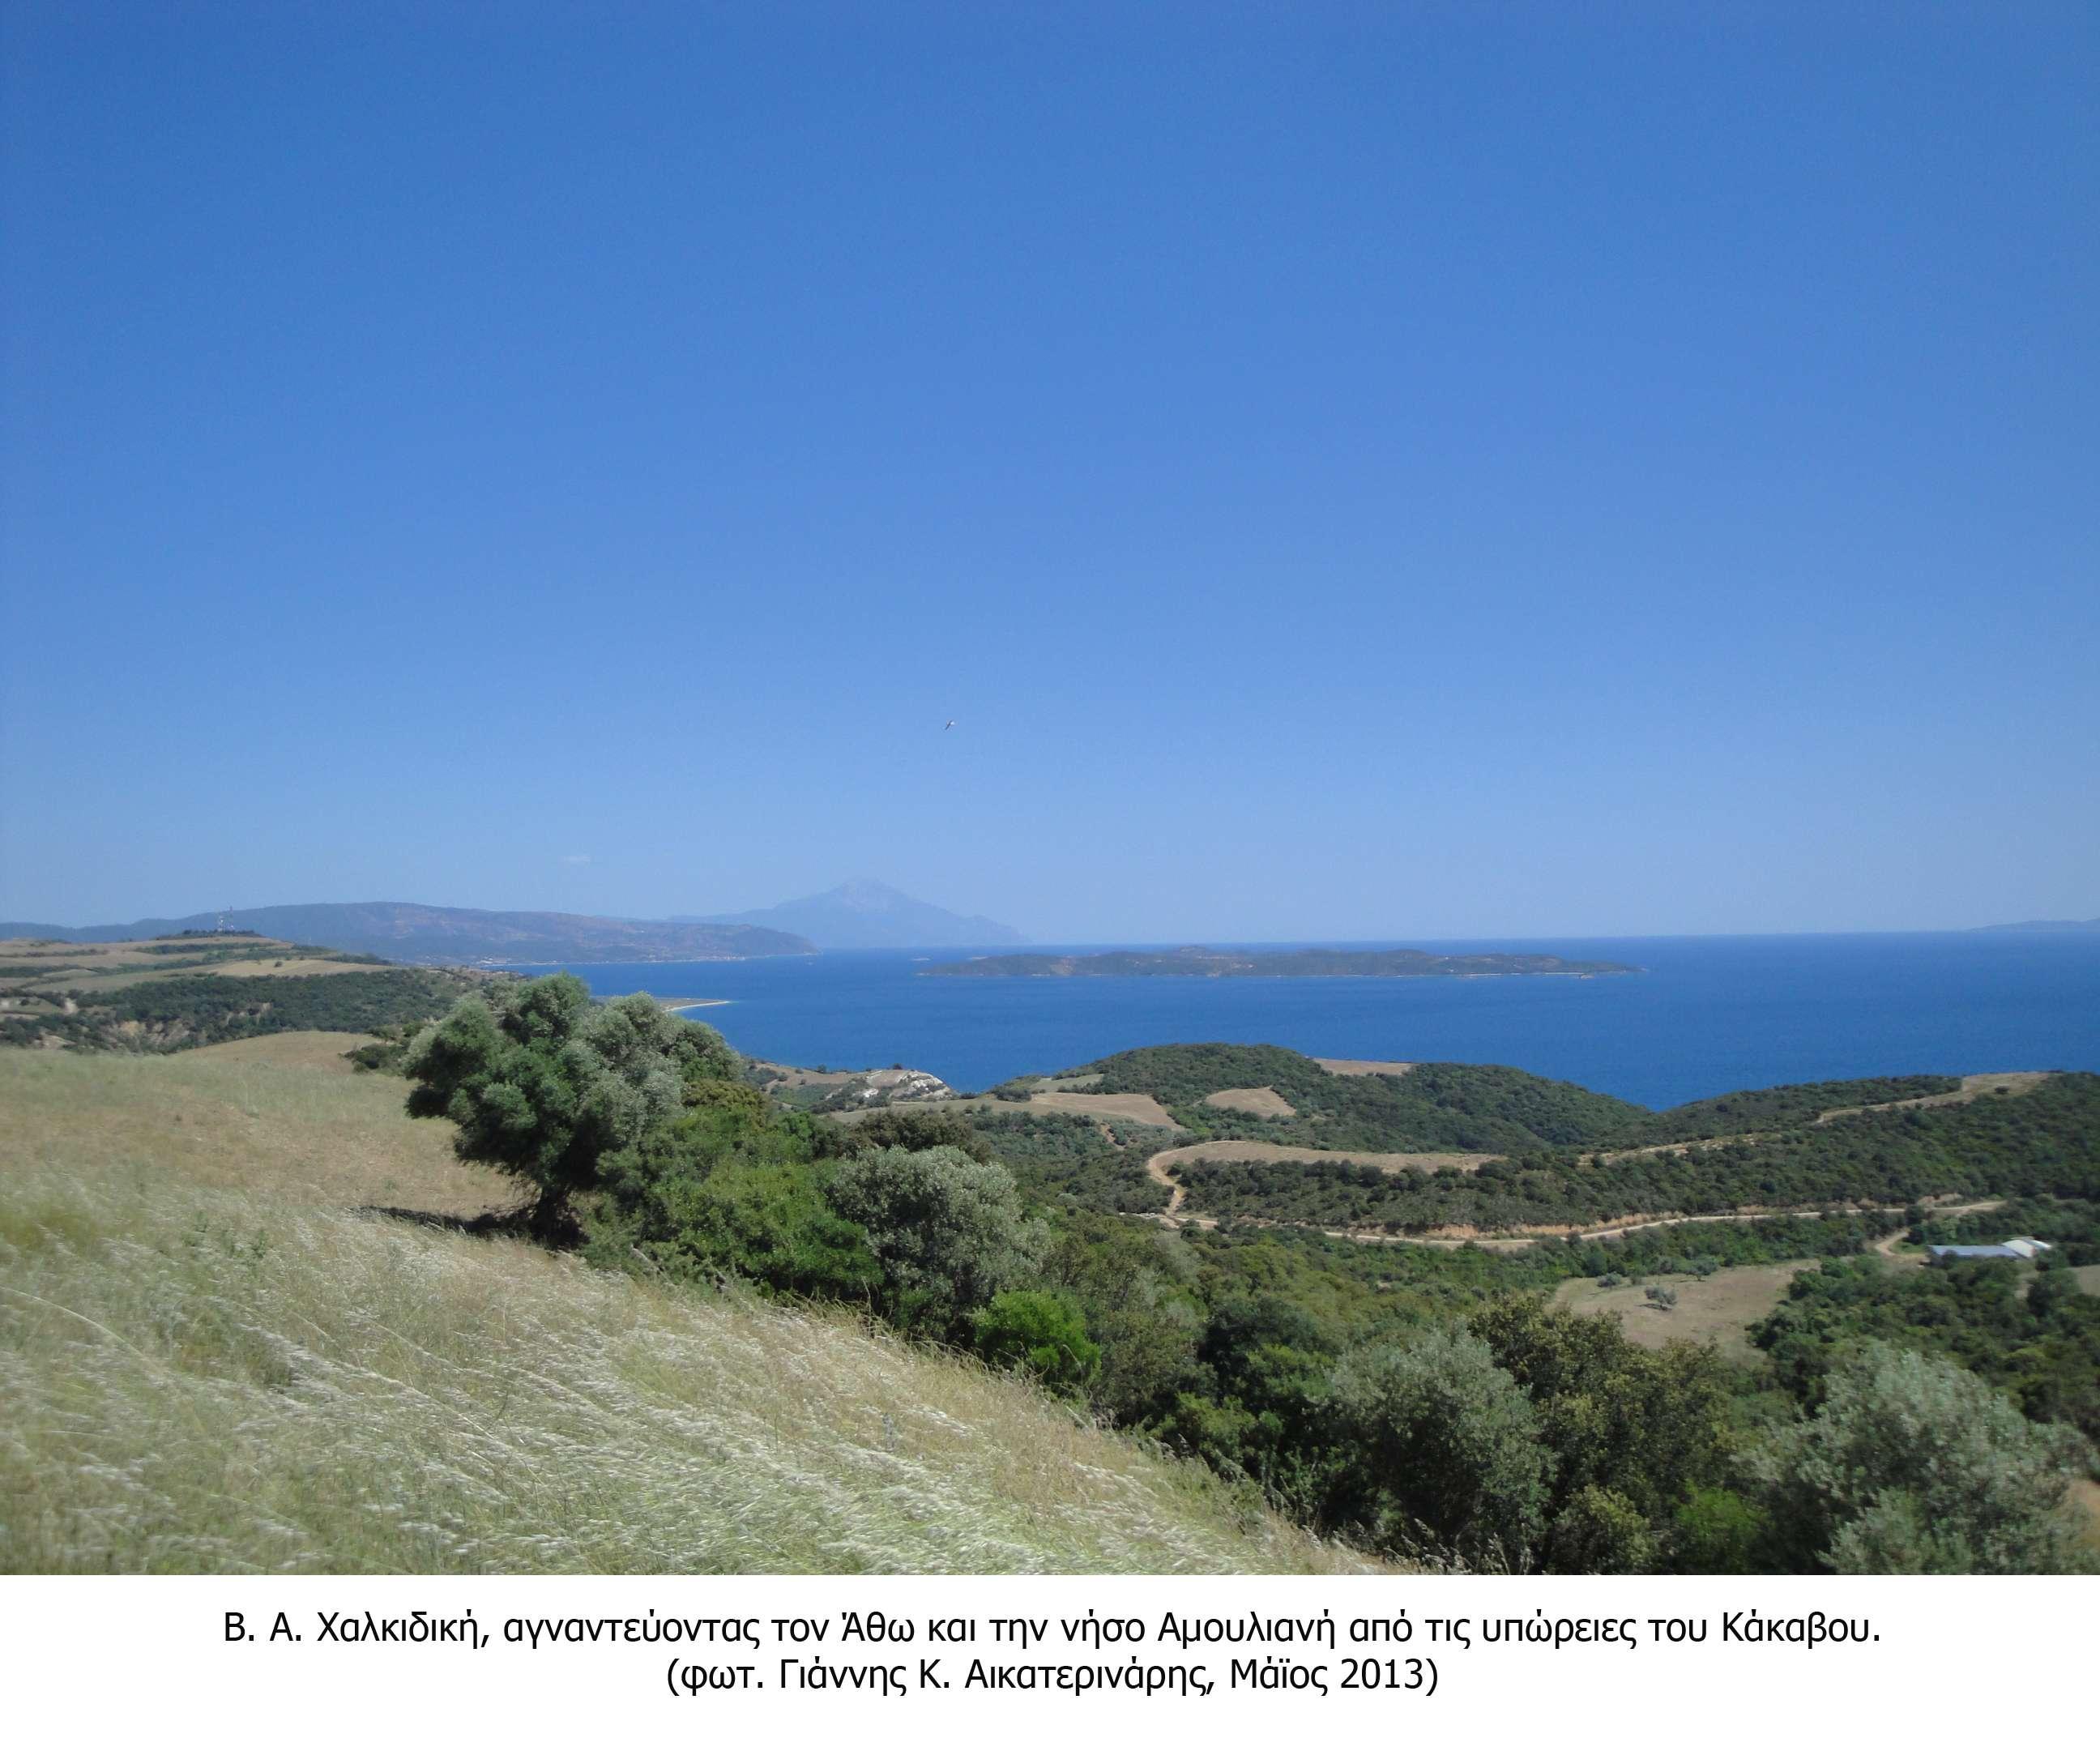 ΒΑ Χαλκιδική, Κάκαβος, Άθως και νήσος Αμουλιανή